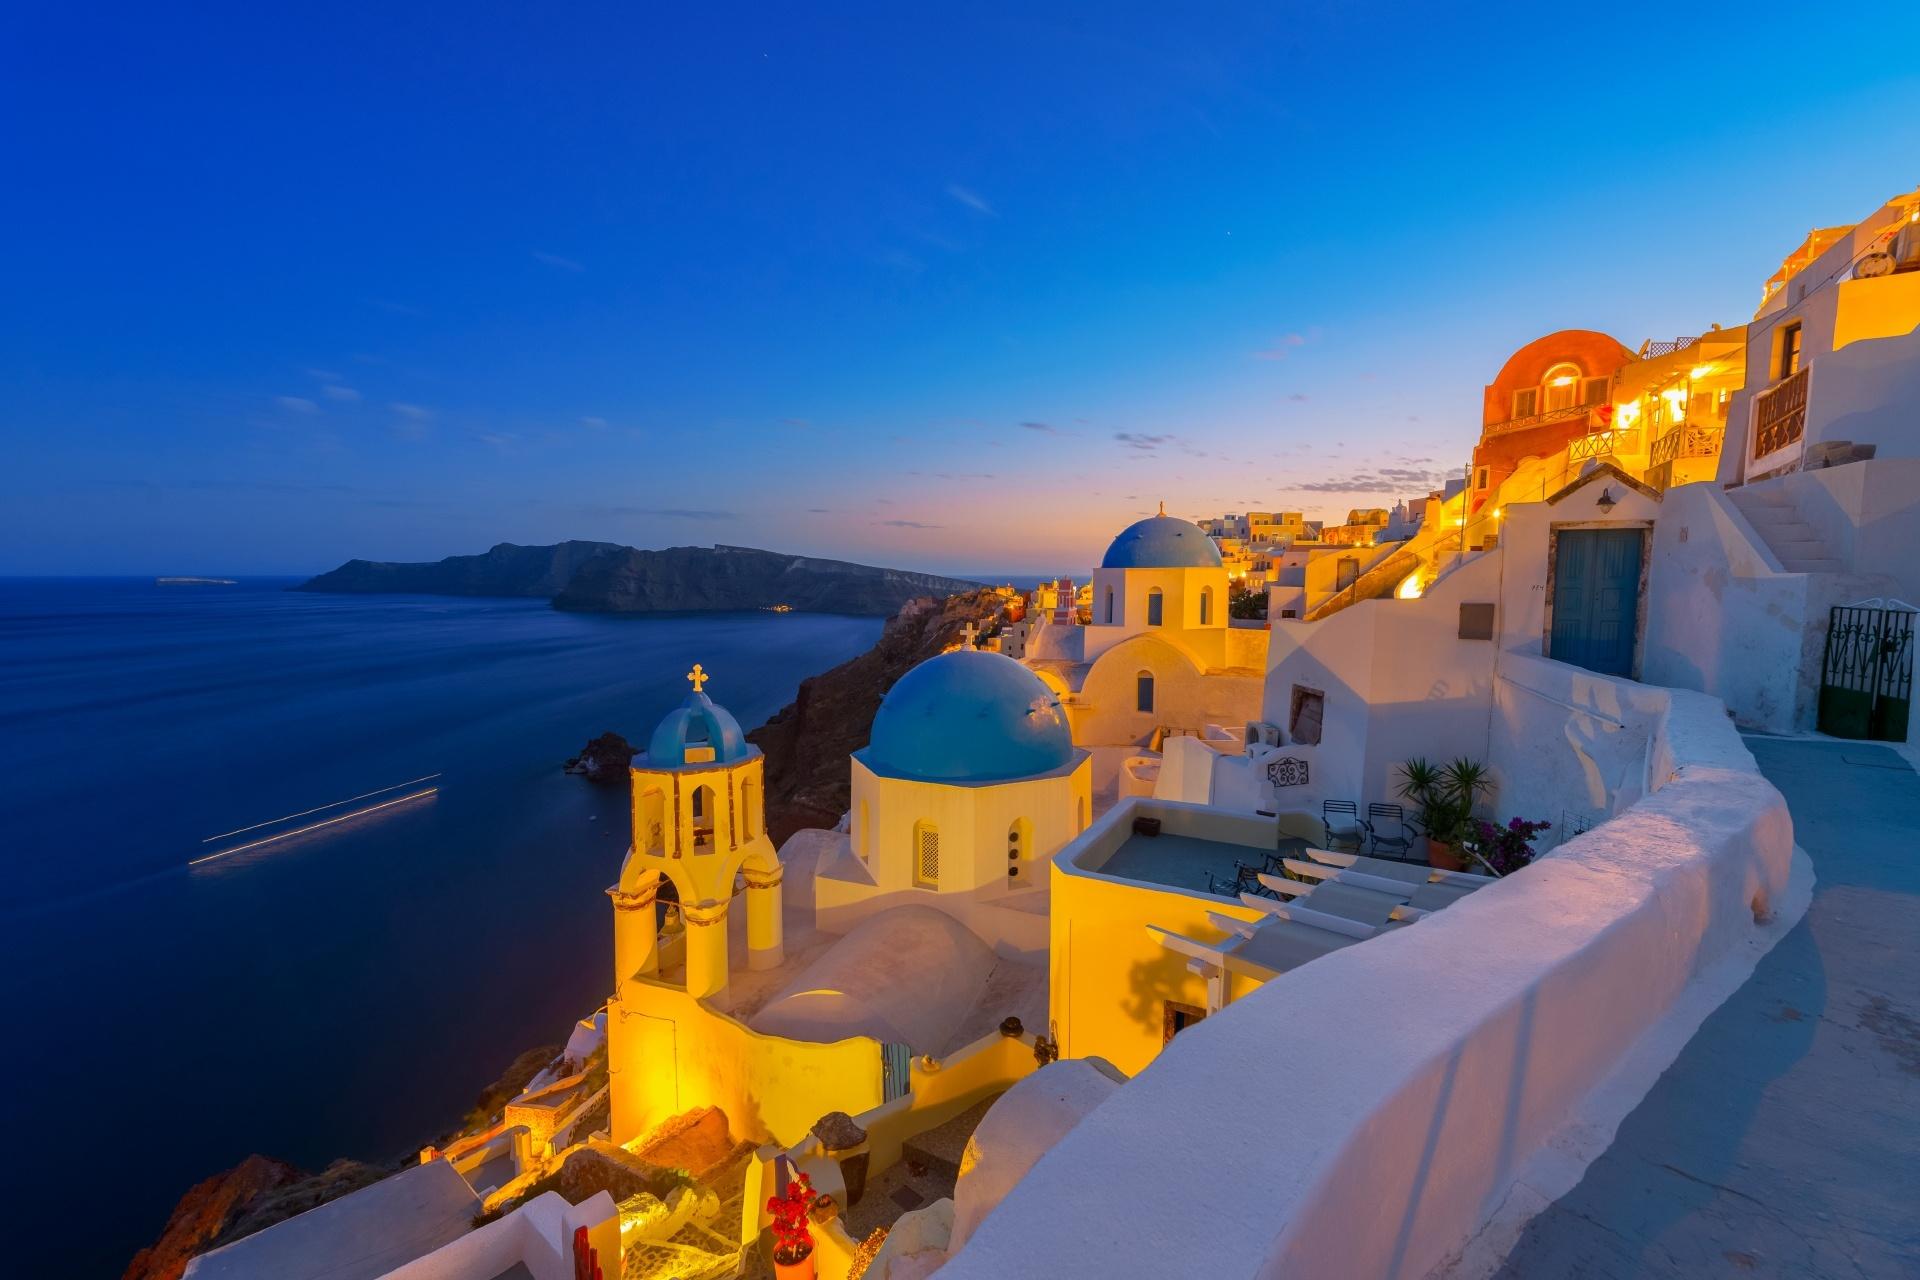 サントリーニ島の夜の風景 ギリシャの風景